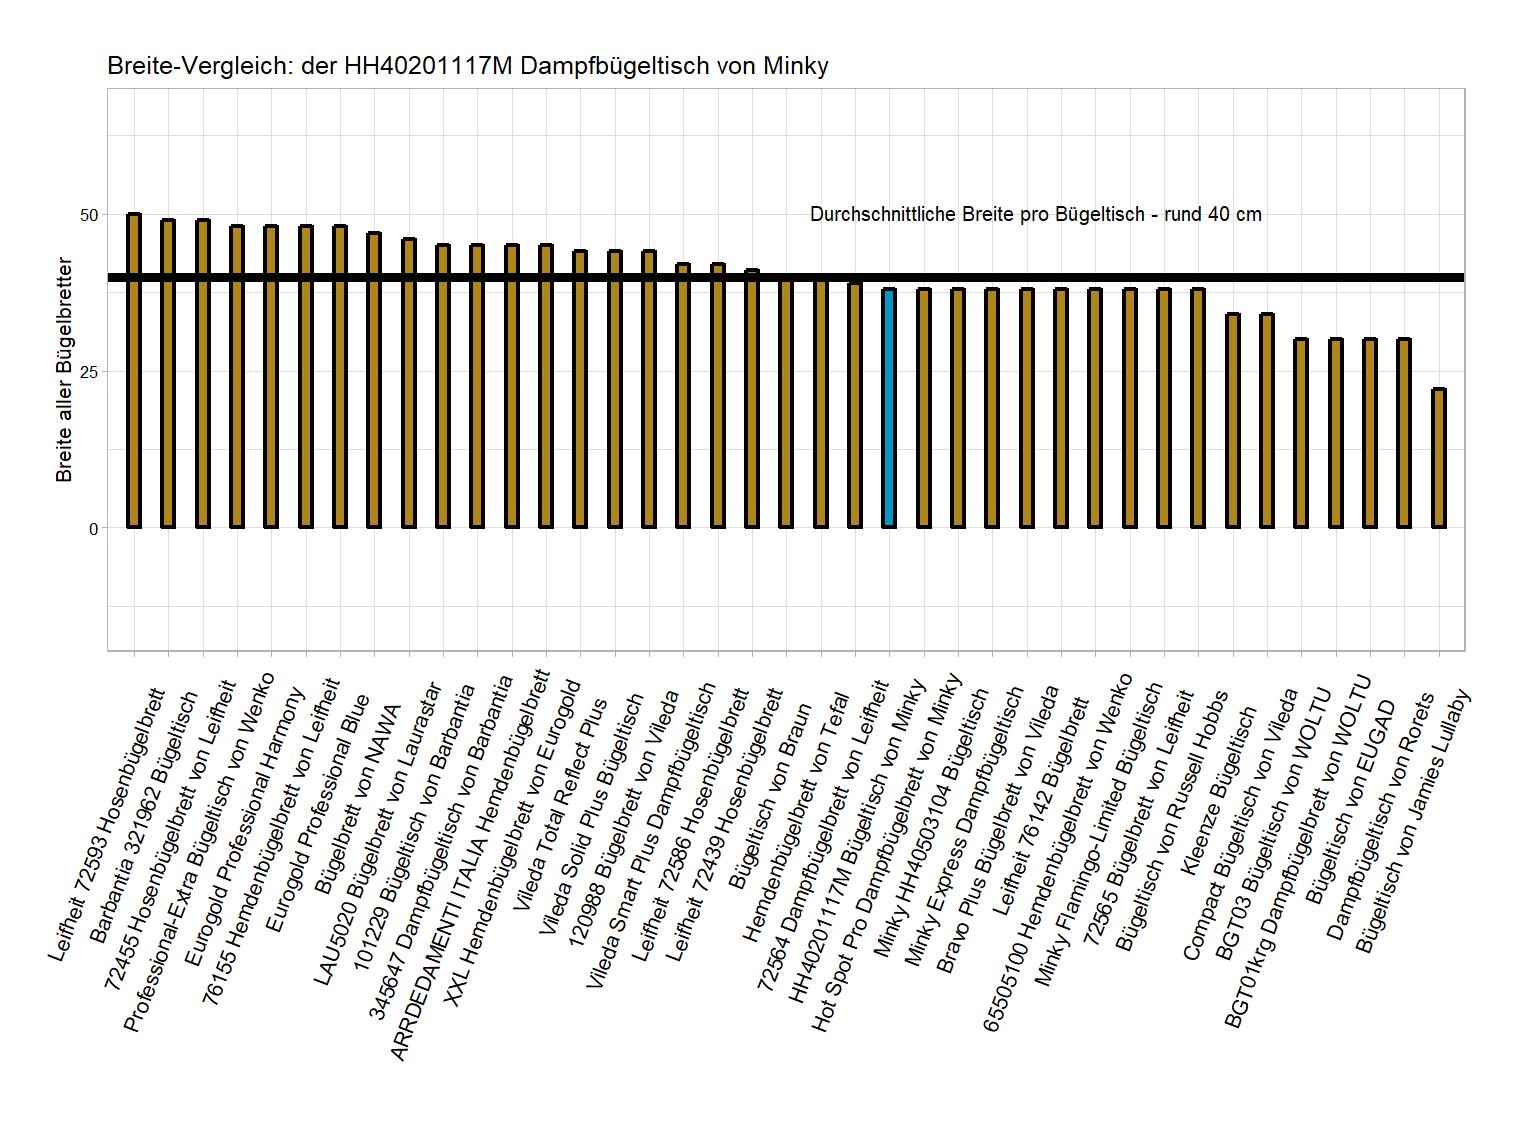 Breite-Vergleich von dem Minky Bügelbrett HH40201117M